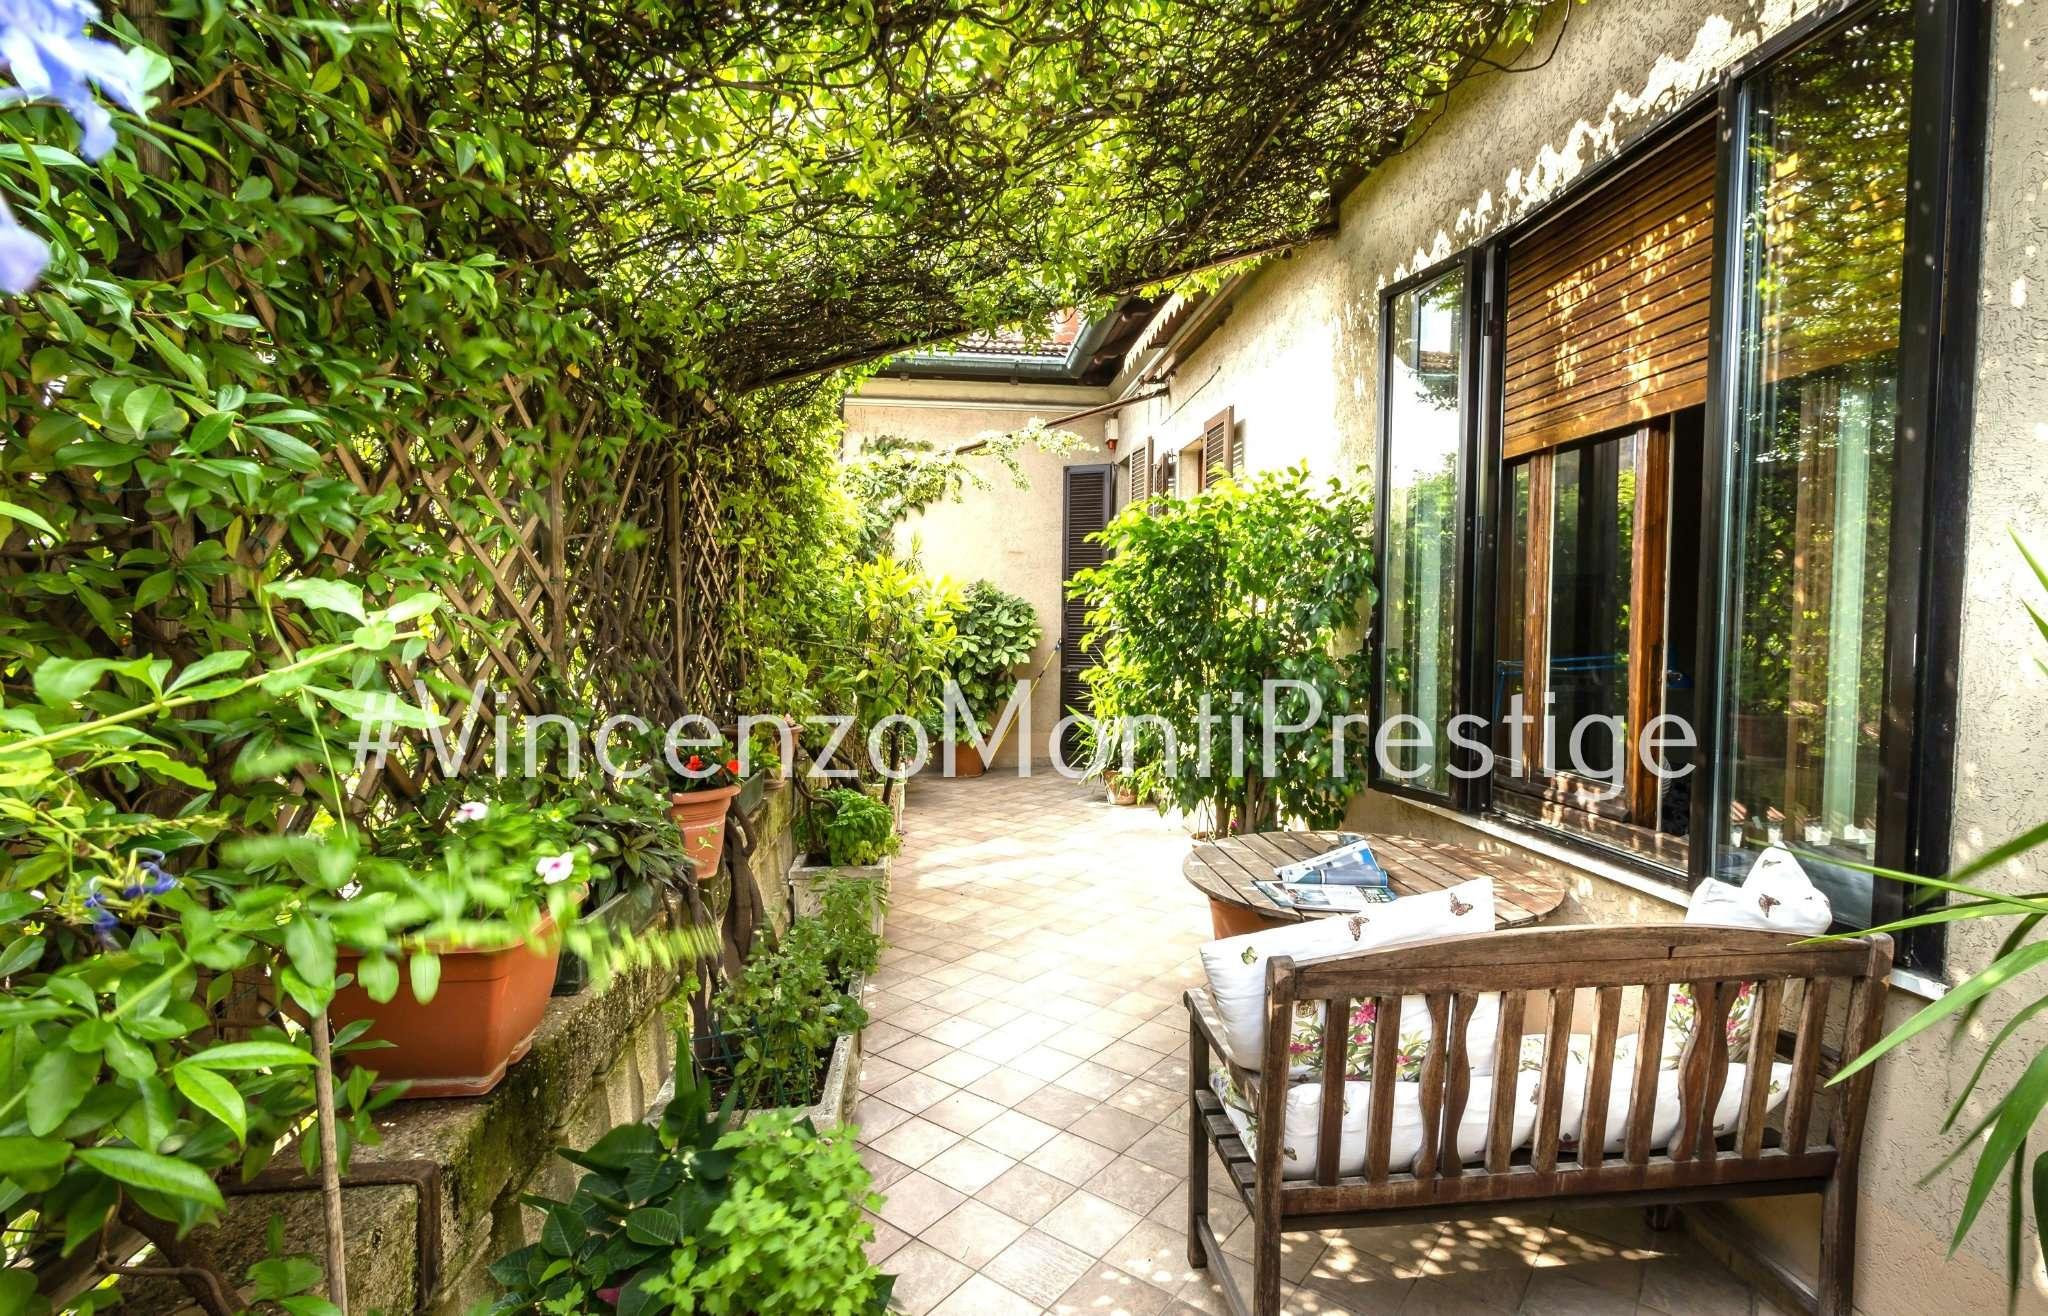 Appartamento in Vendita a Milano 08 Vercelli / Magenta / Cadorna / Washington: 5 locali, 200 mq